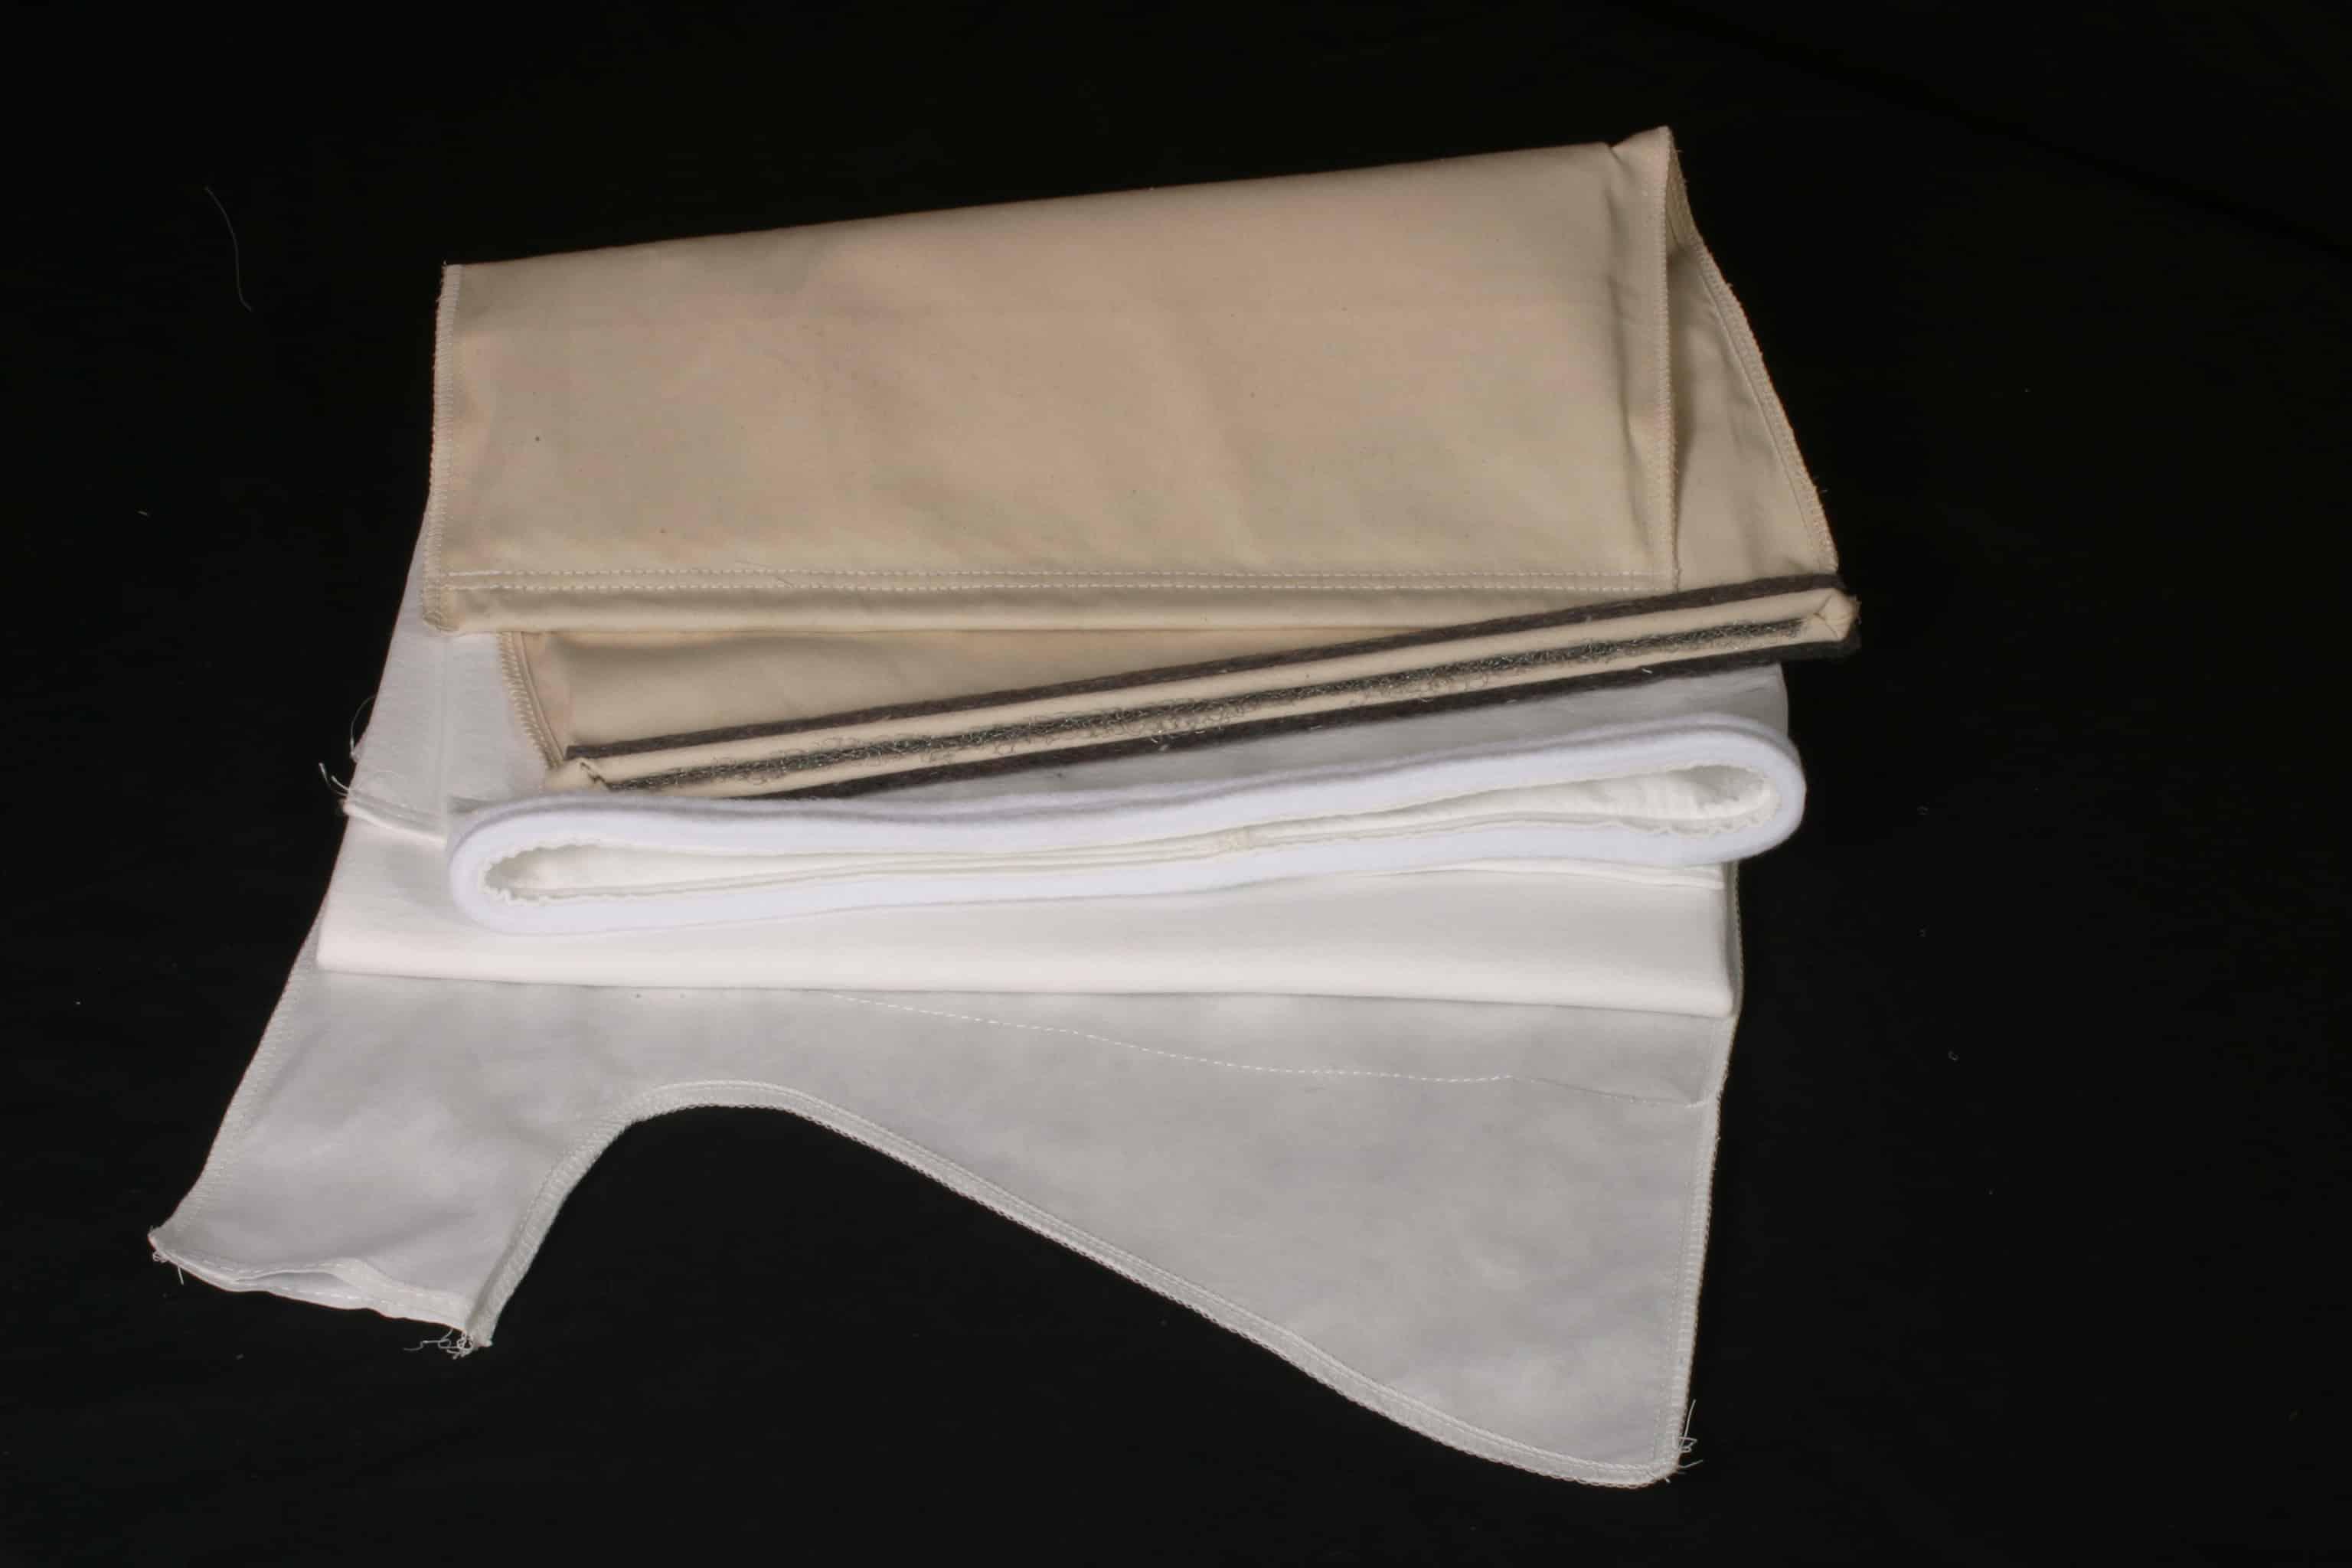 baghouse-envelope-filter